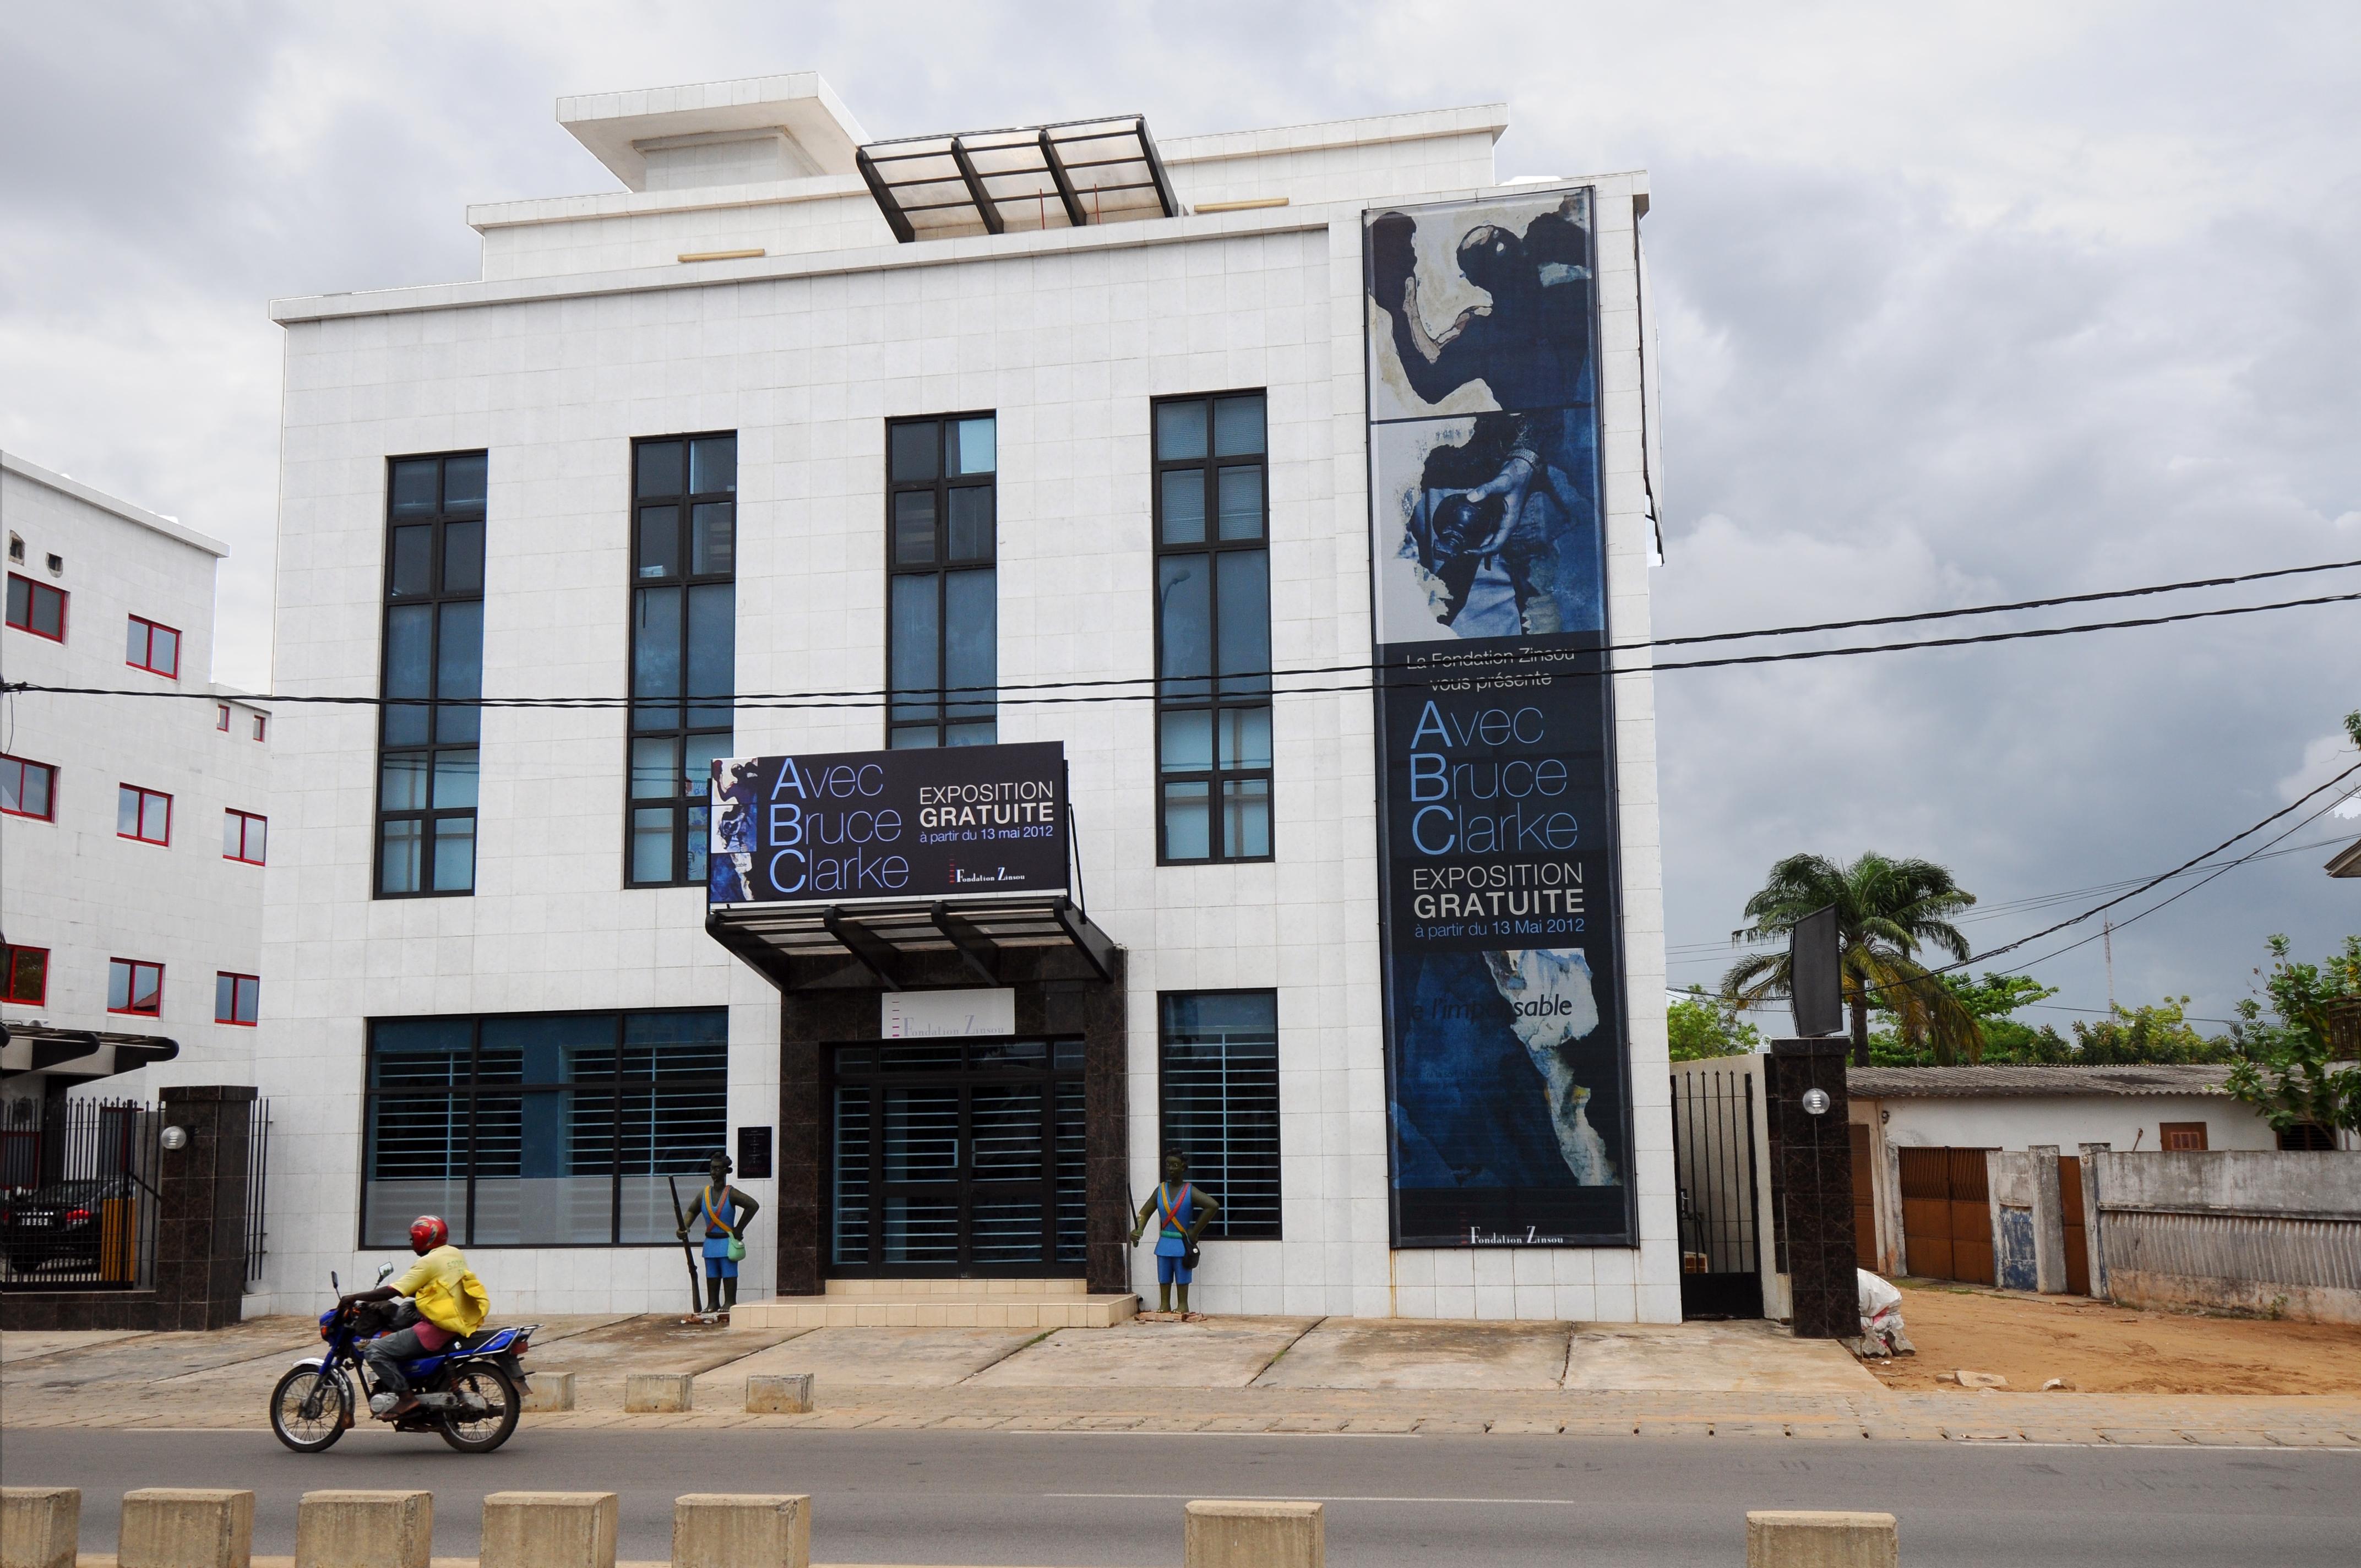 Espace d'exposition de Cotonou Copyright: La Fondation Zinsou